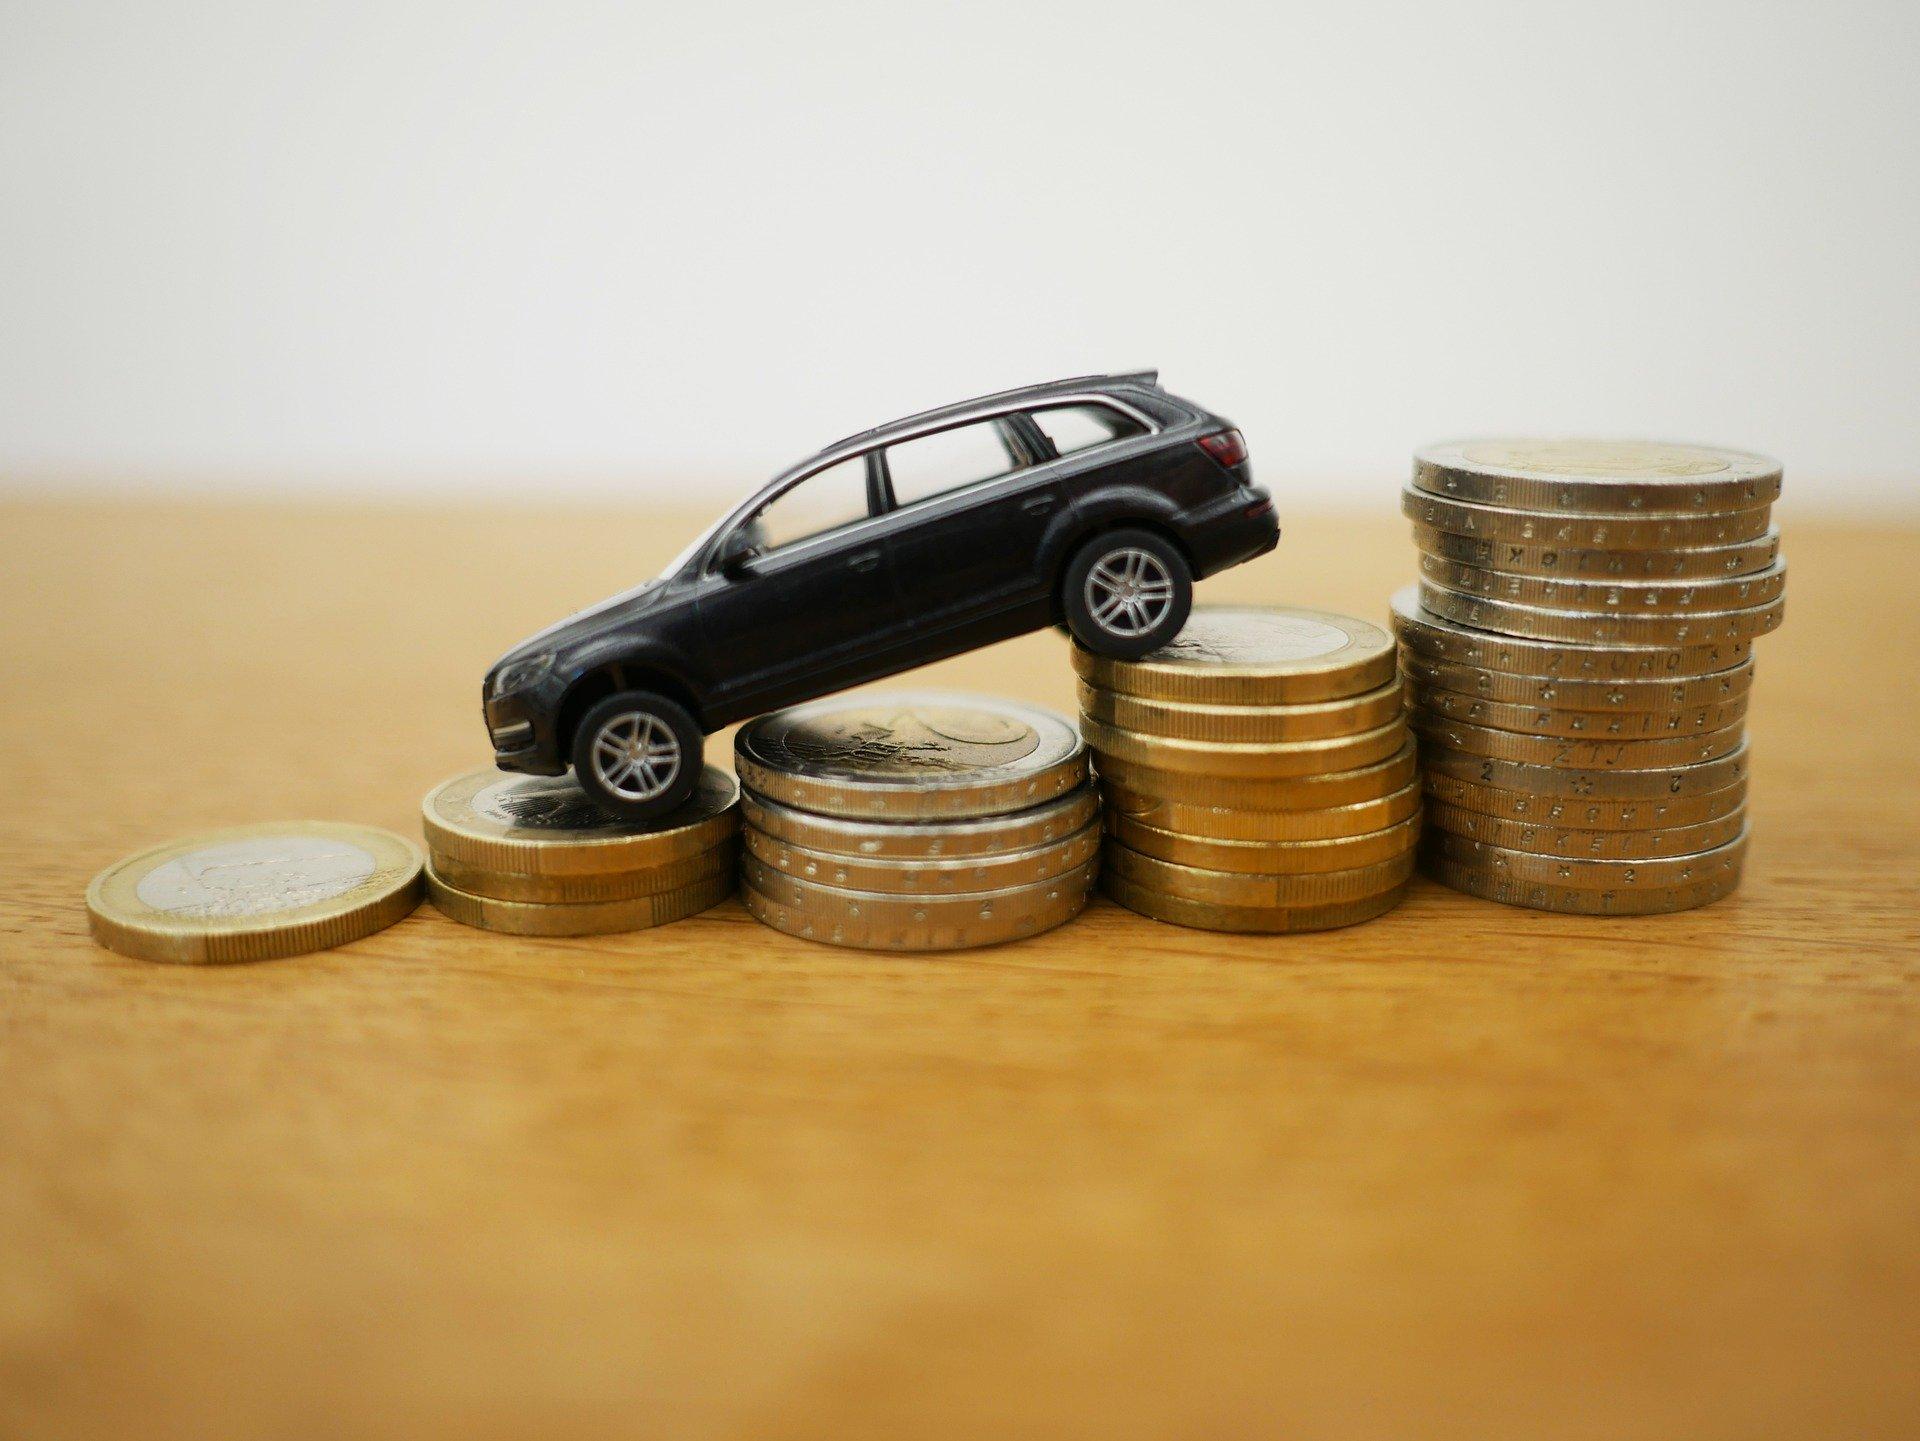 קניית רכב חדש – מה צריך לדעת?